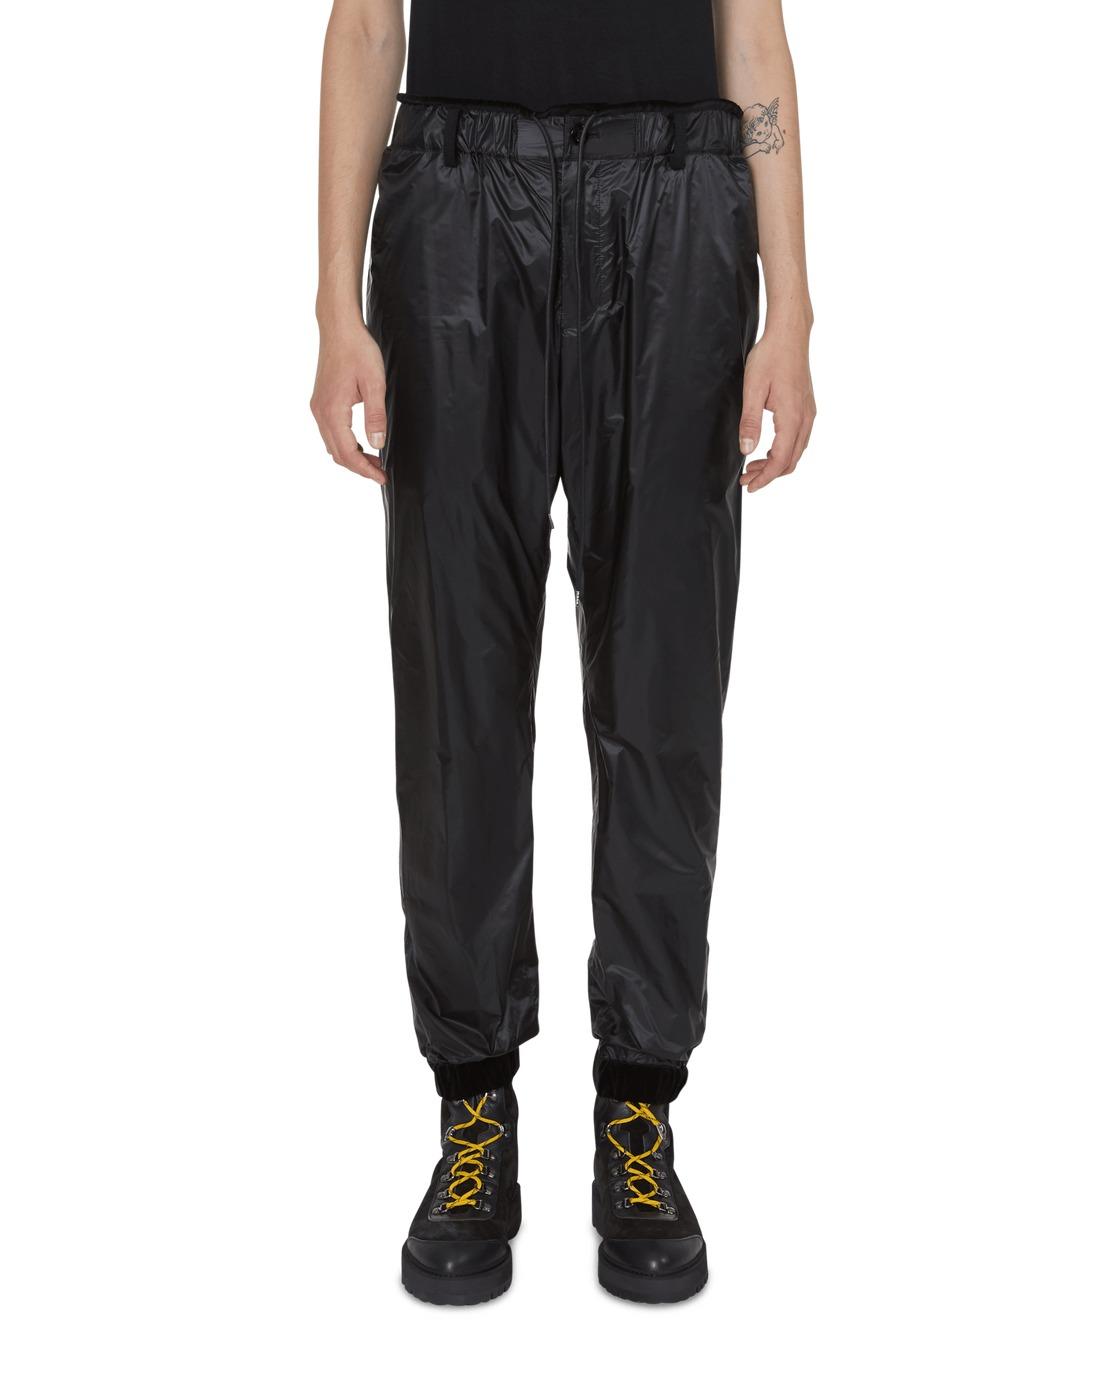 Sacai Nylon Jogger Pants Black